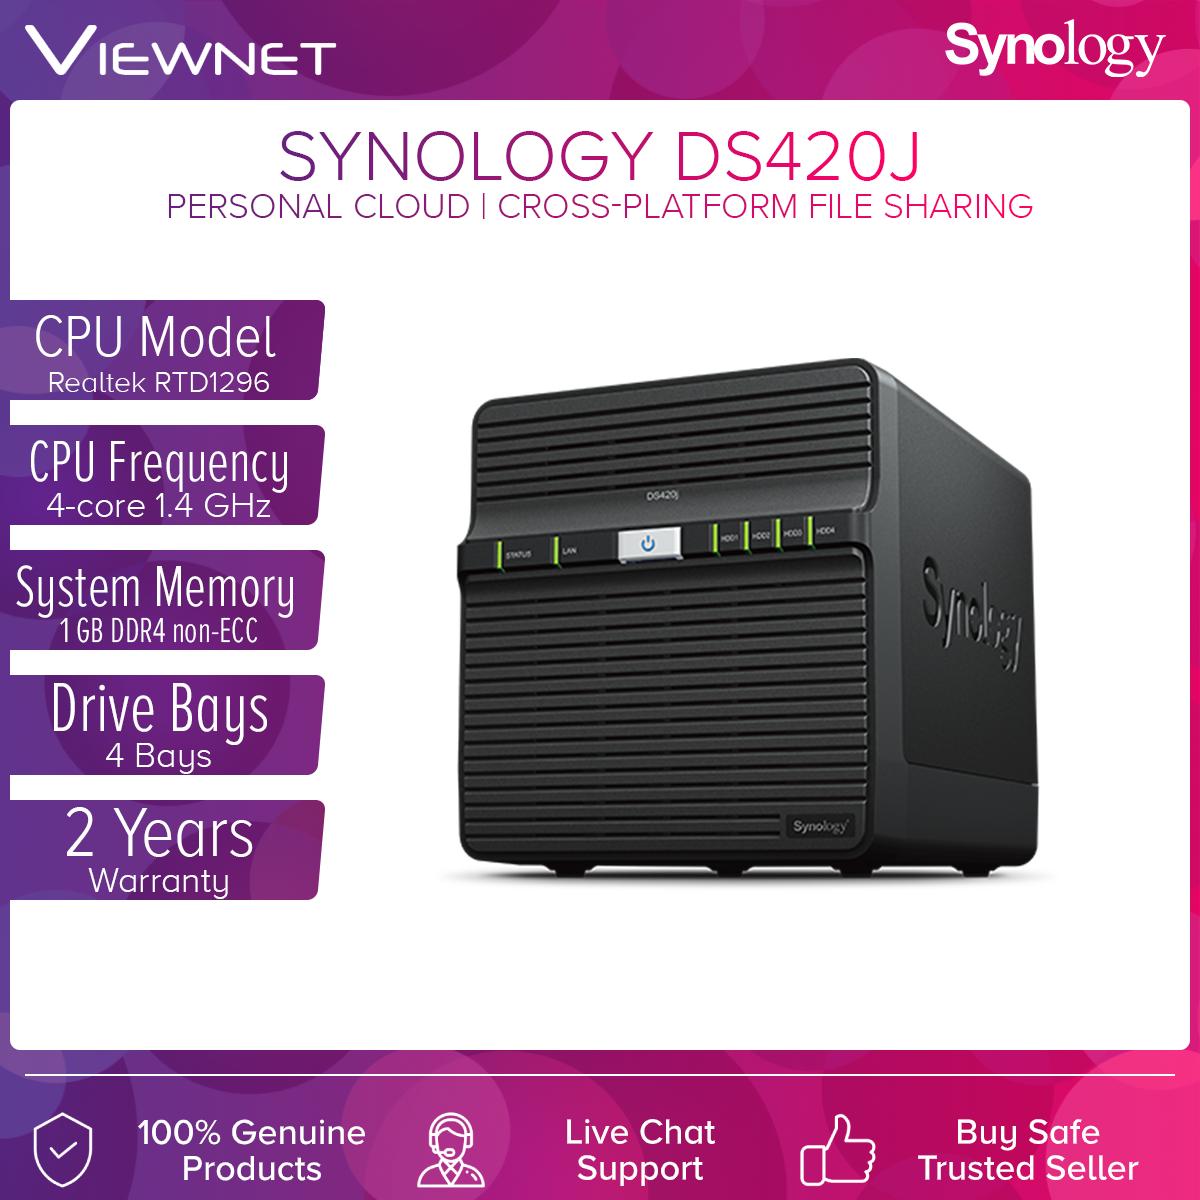 Synology Enclosure 4-BAYS/RealtekRTD1296 QC 1.4GHz/1GB DDR4 (DS420J) NAS